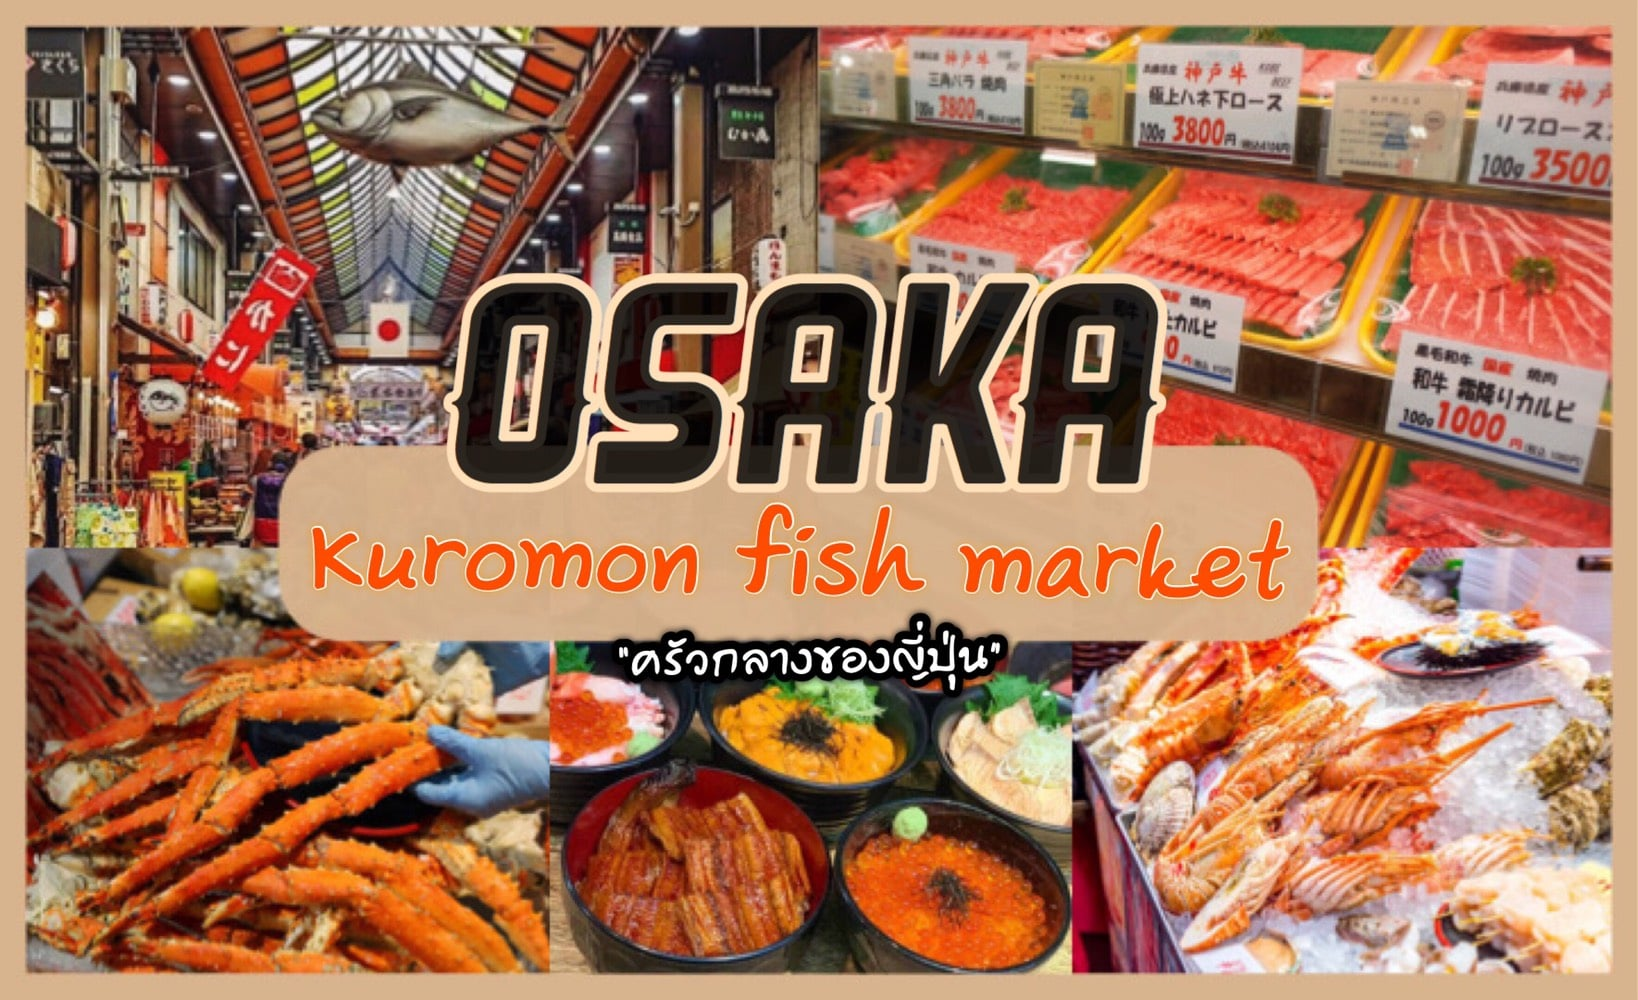 """""""ตลาดปลาคุโรมง แห่งโอซาก้า"""" เจ้าของฉายา ครัวกลางของญี่ปุ่น !"""